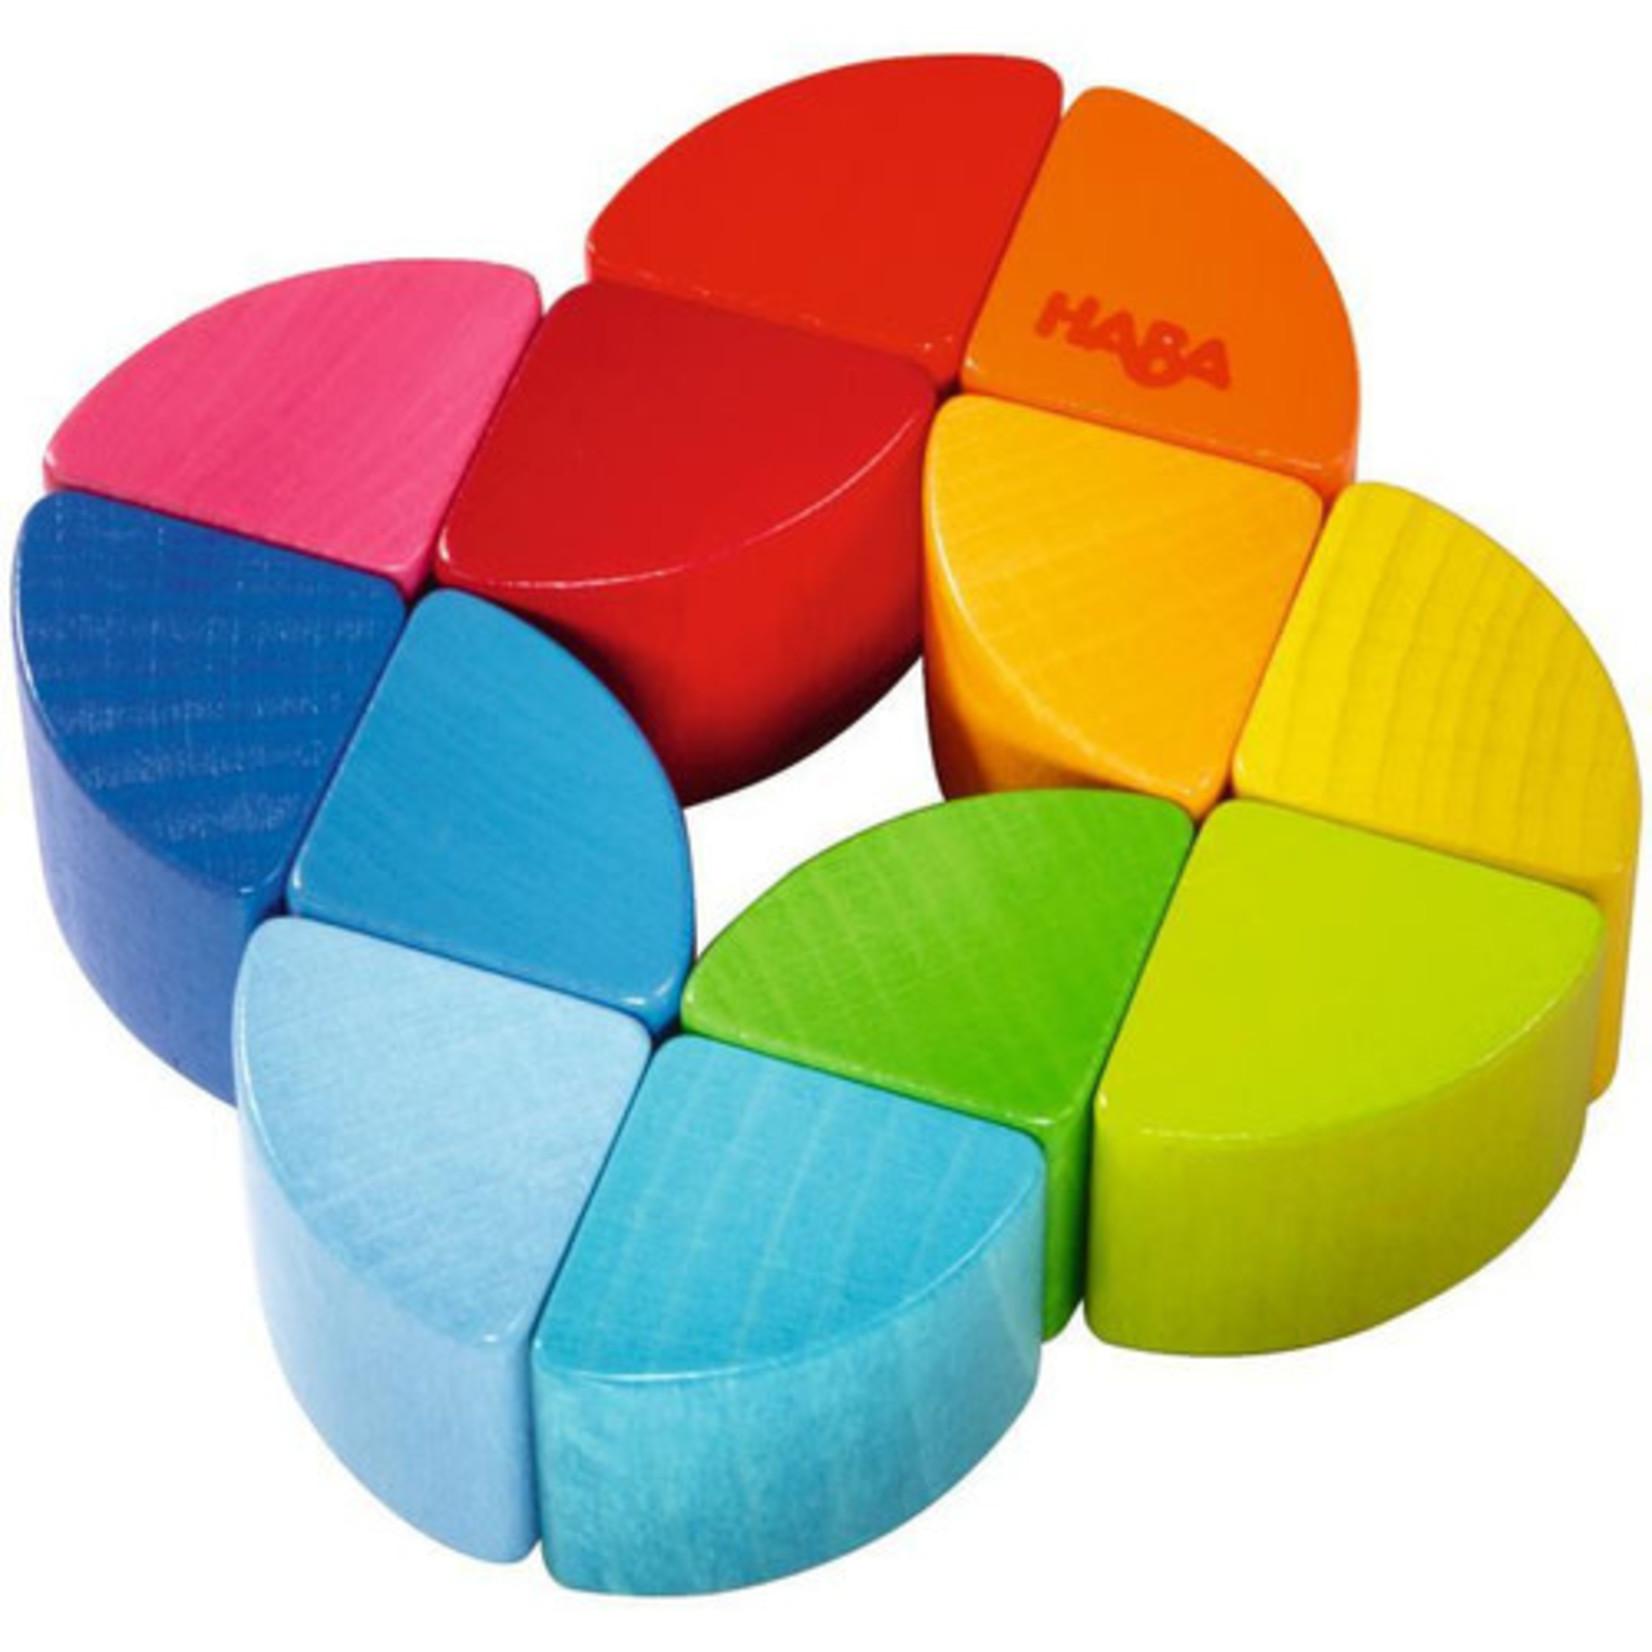 Haba Rainbow Ring Clutch Toy